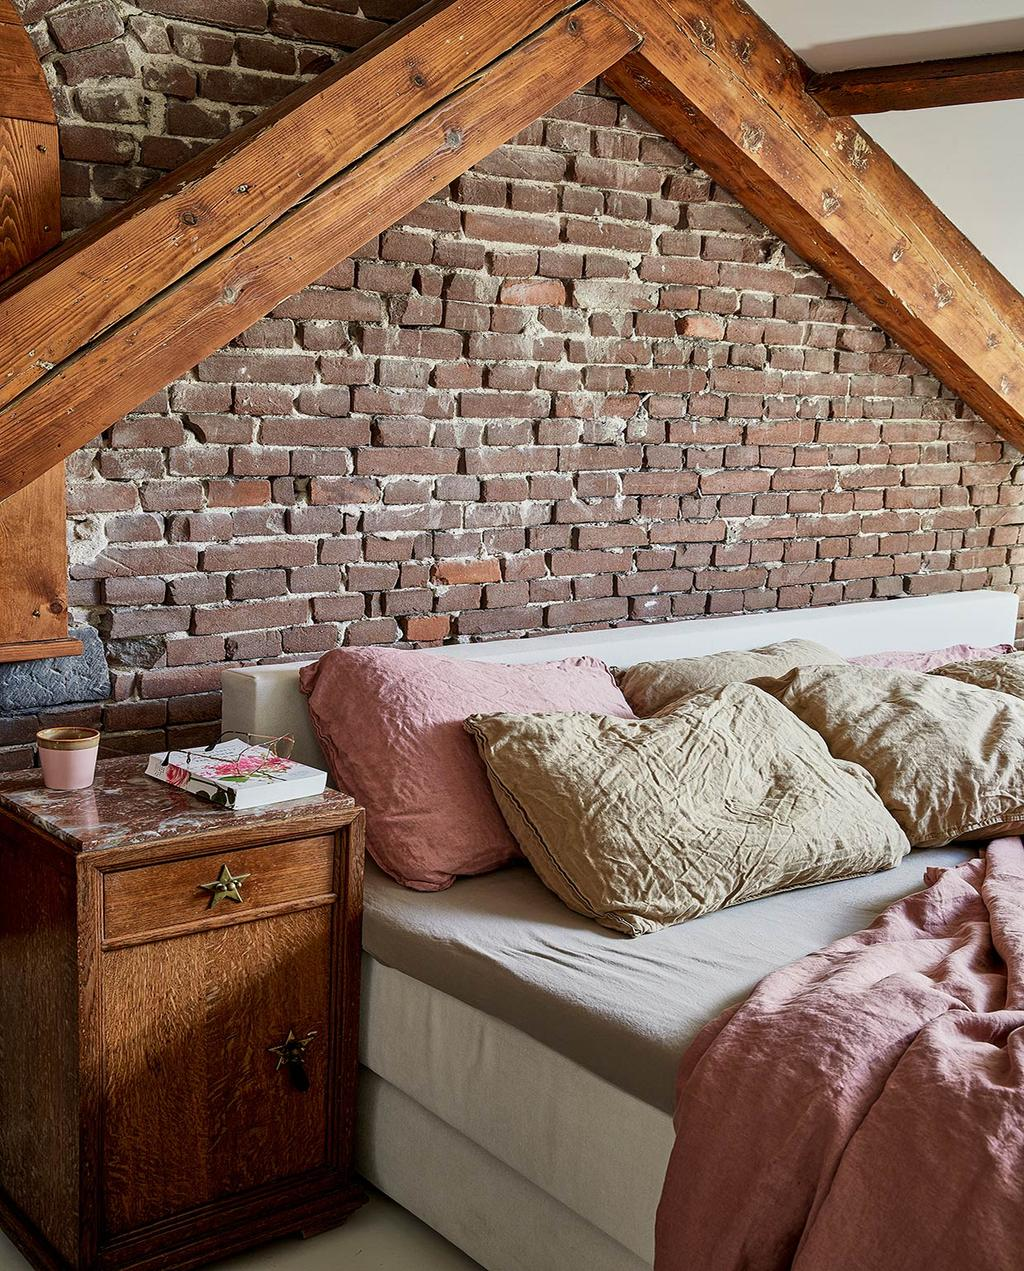 vtwonen 02-2021 | binnenkijken bij Martine stenen muur in slaapkamer met een opgemaakt roze bed